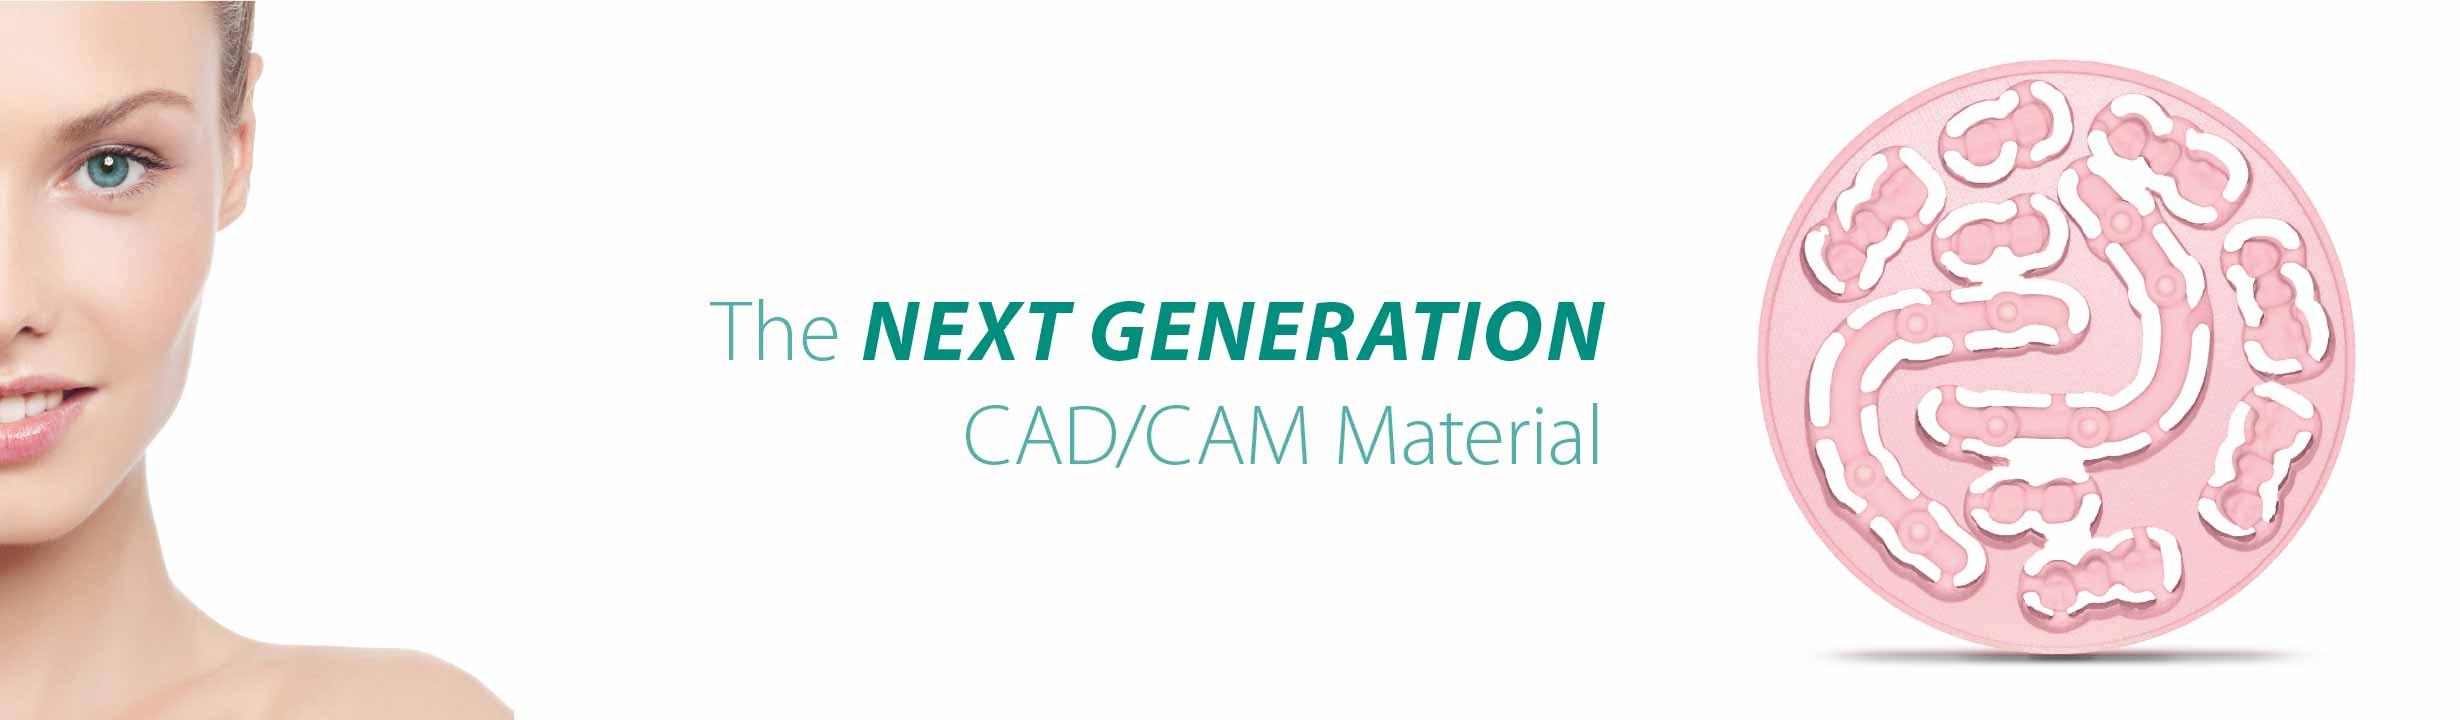 Trinia Dental CAD/CAM Material